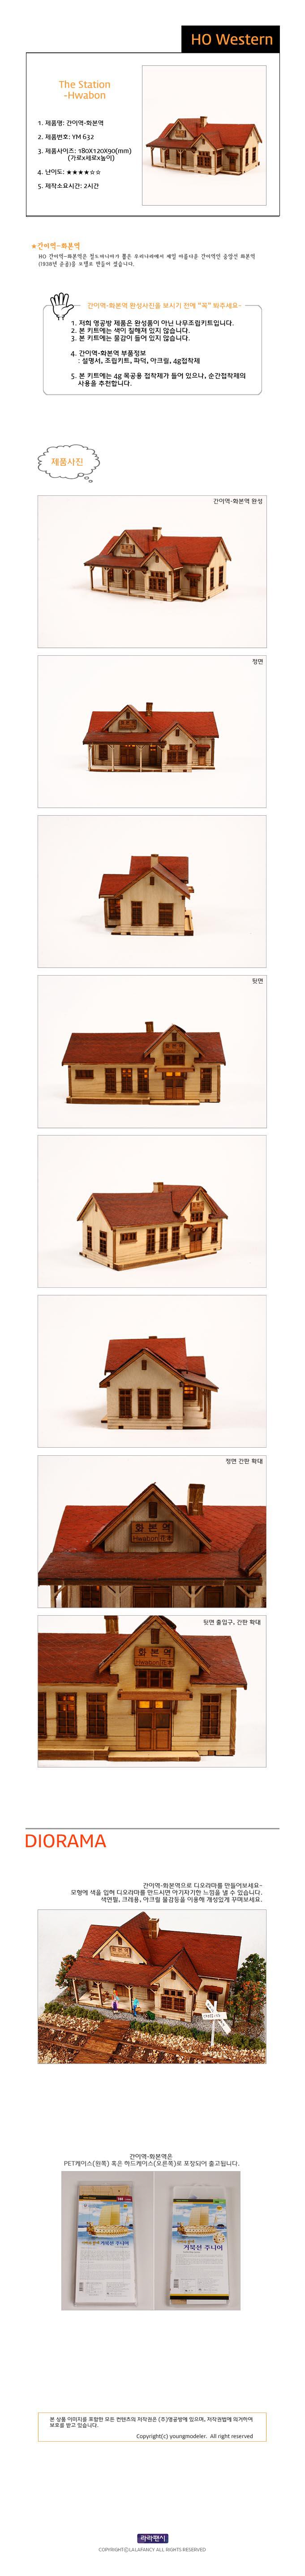 DIY 조립 HO 간이역화본역 - 아이비스, 20,000원, 조각/퍼즐, 우드퍼즐